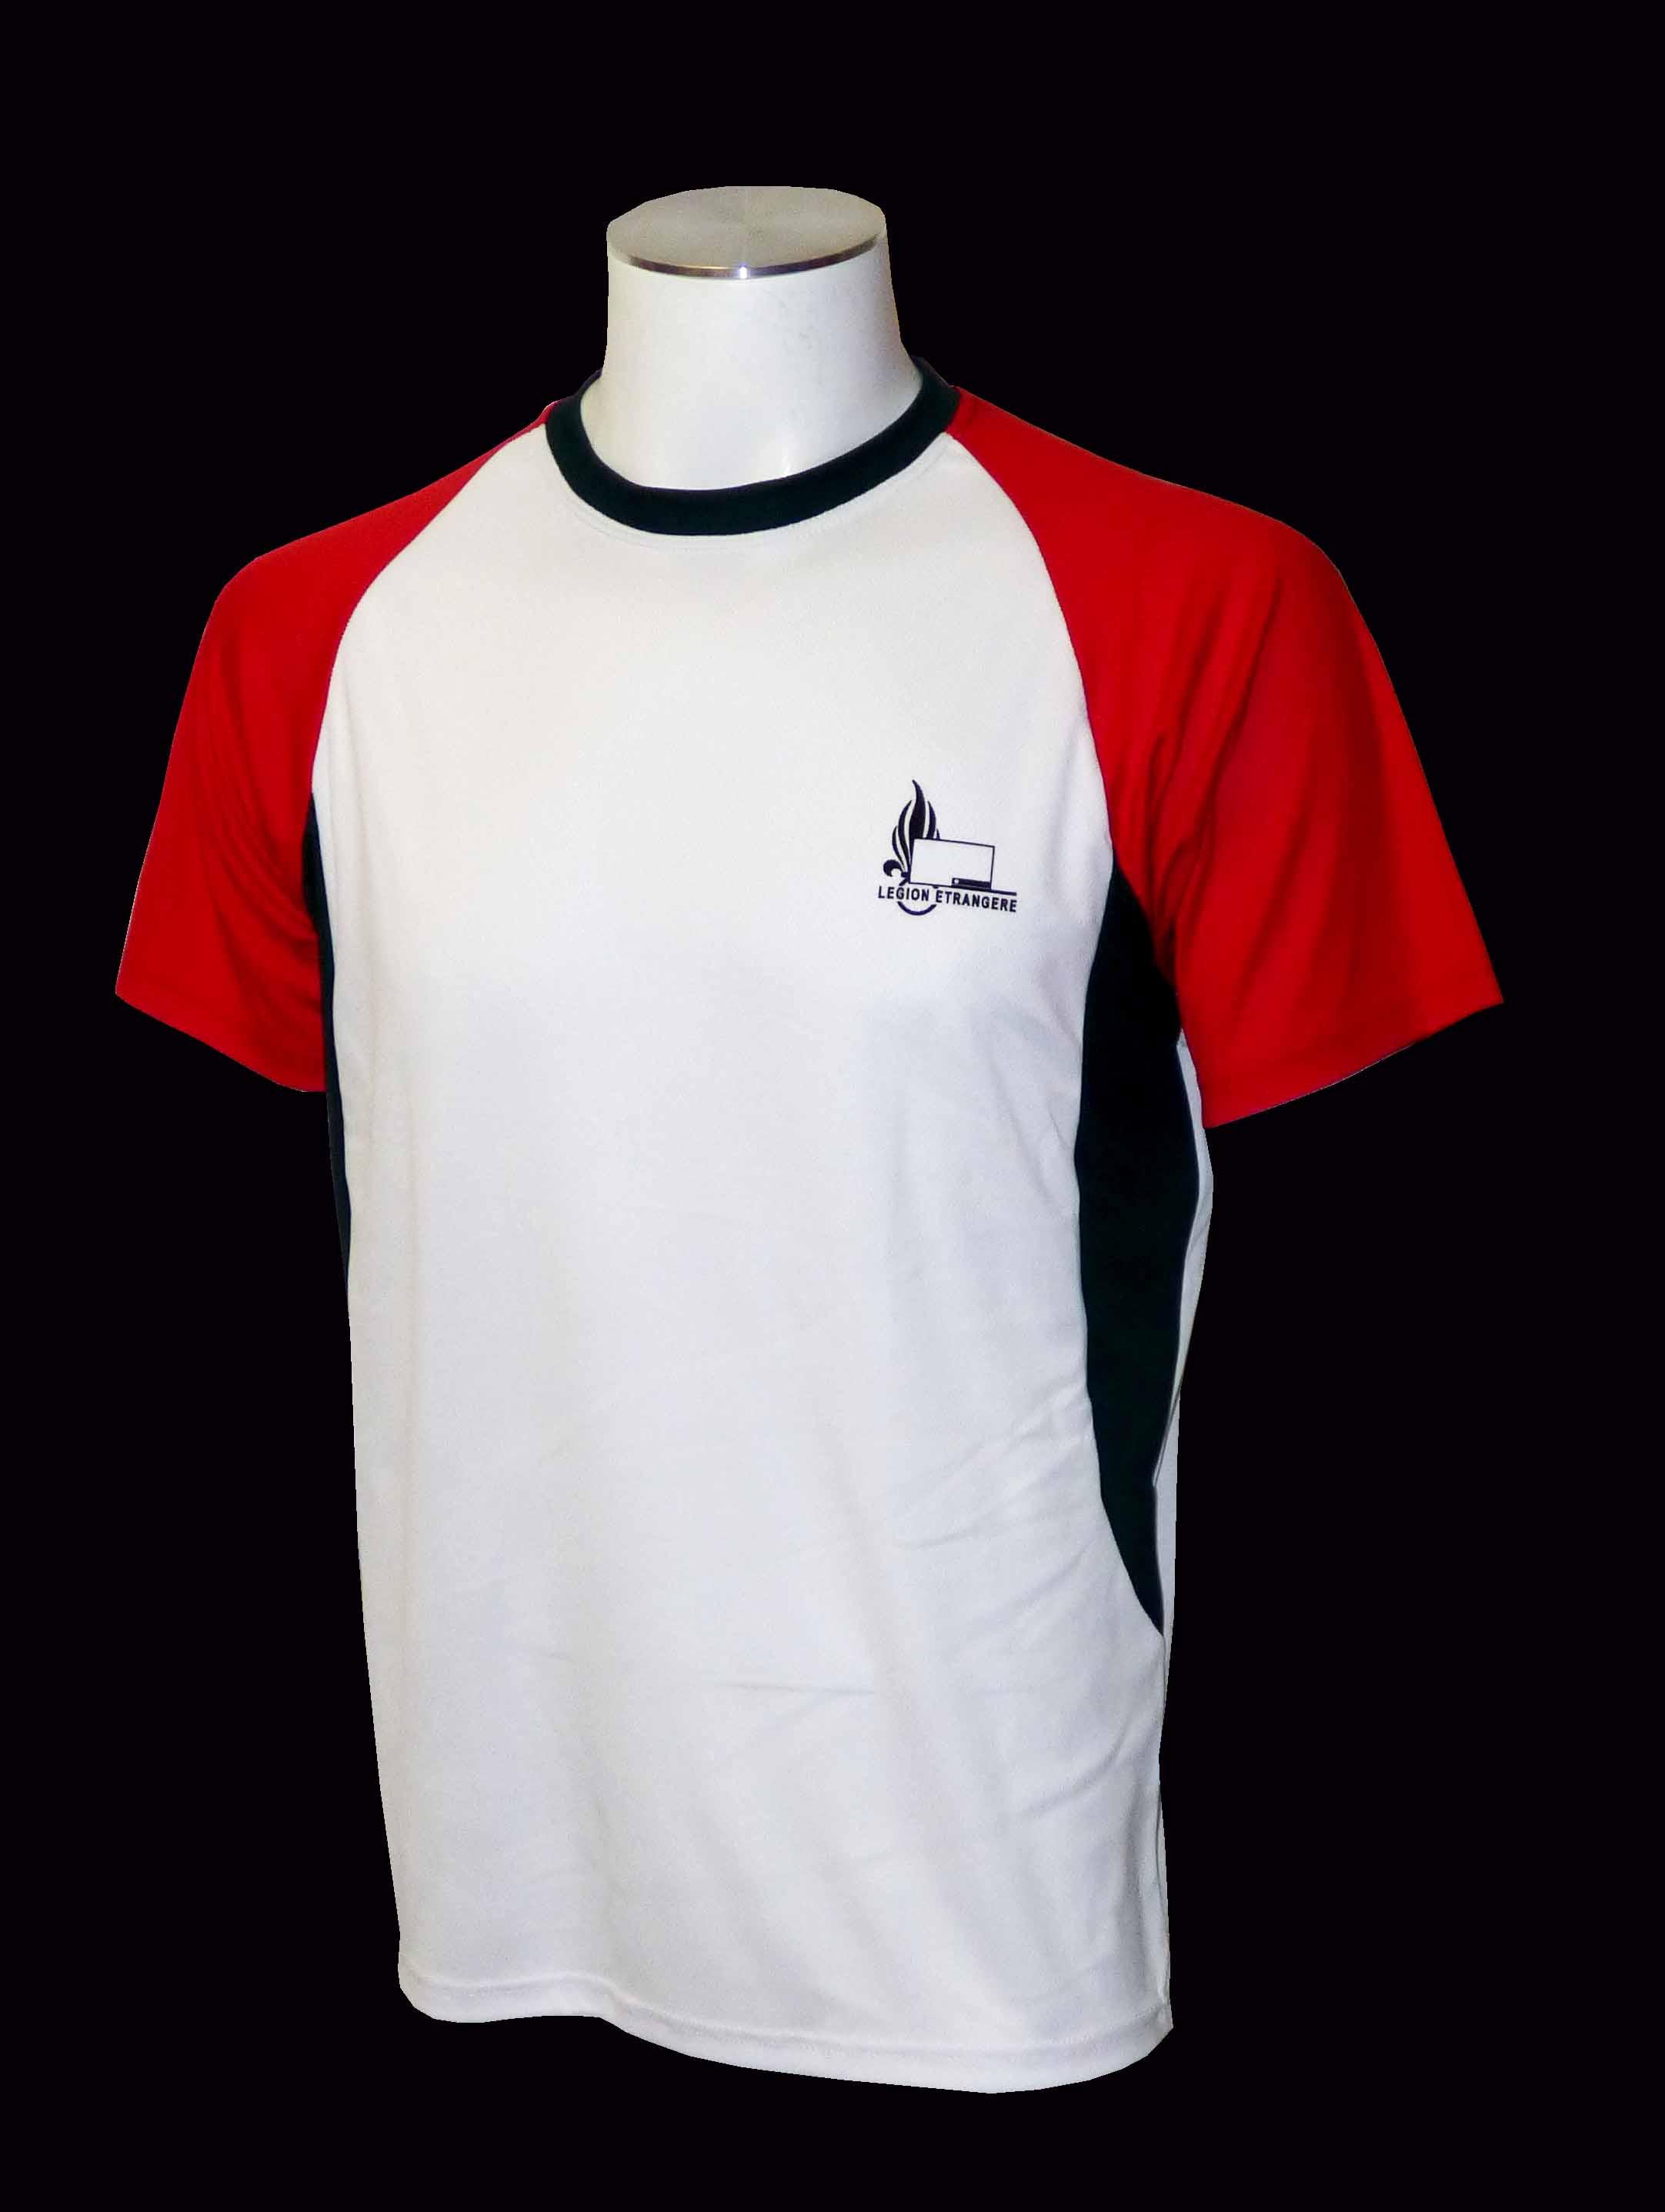 Tee shirt coolmax blanc manche rouge HAB049B   Vente et livraison ... a69c4107ea24